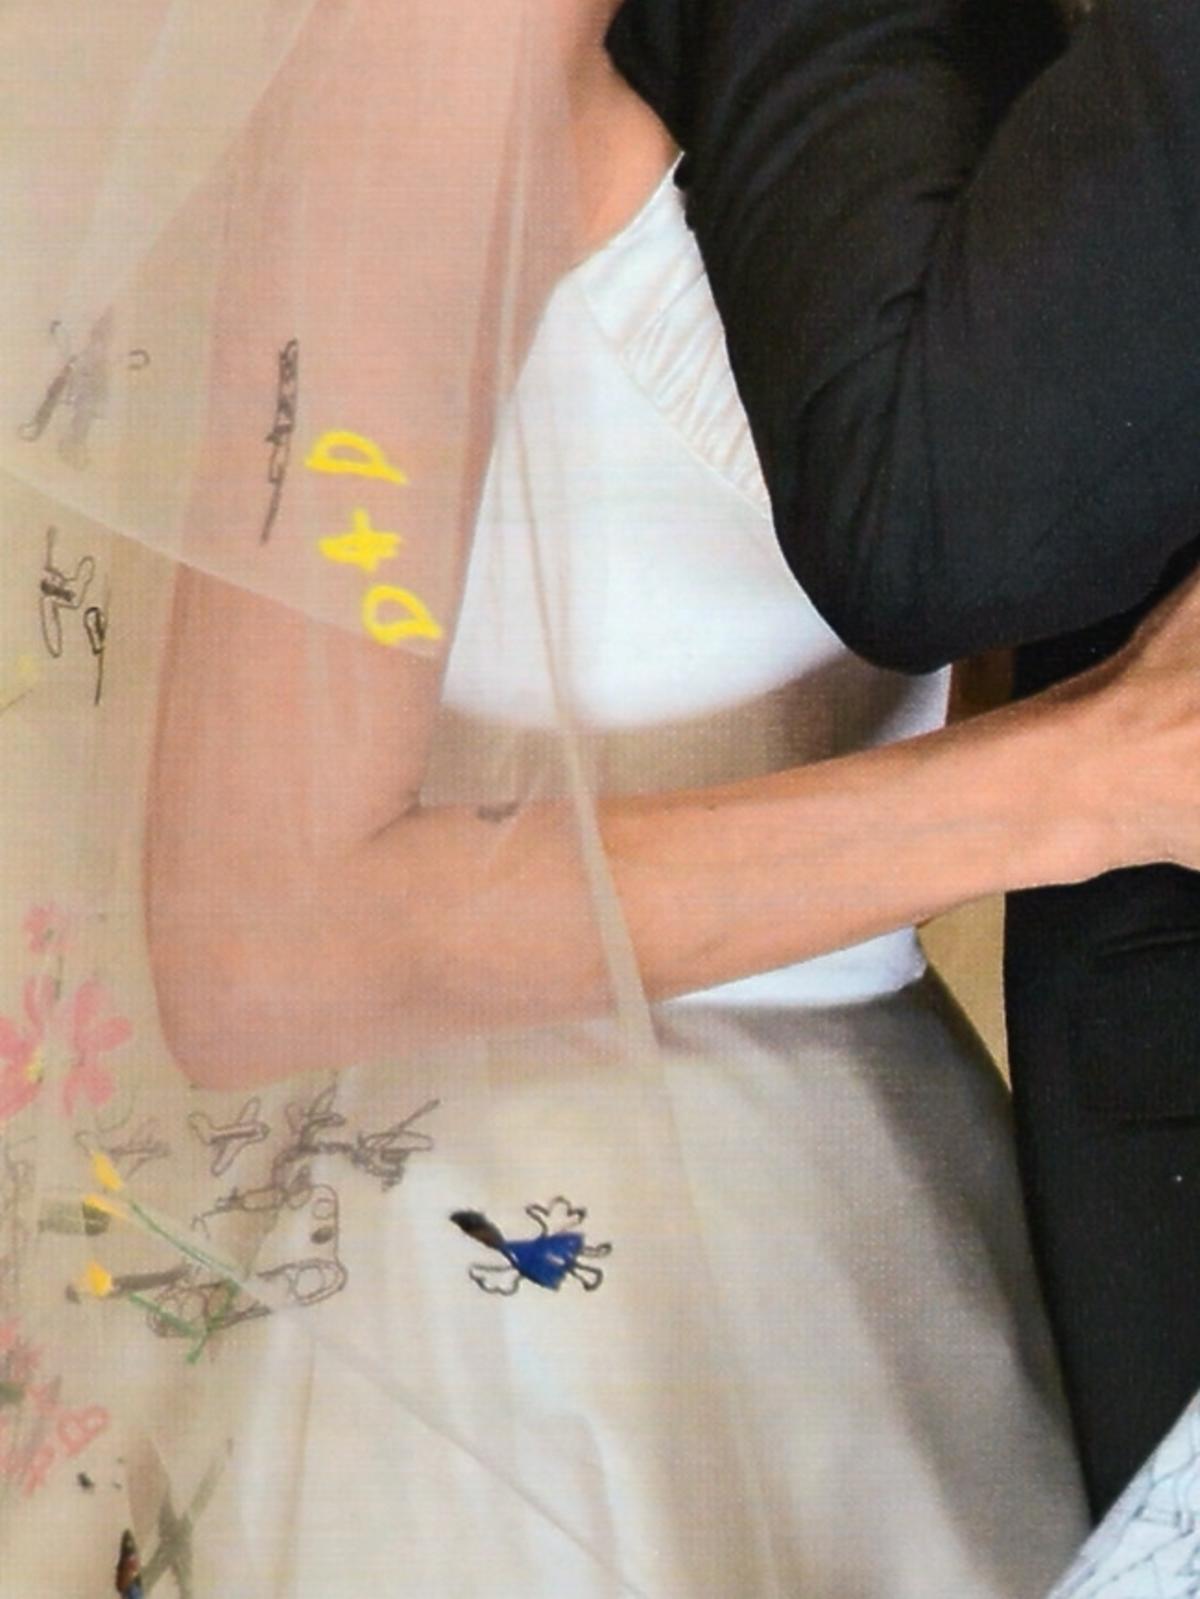 Zdjęcia ze ślubu Angeliny Jolie i Brada Pitta w Hello i People. Suknia ślubna Angeliny